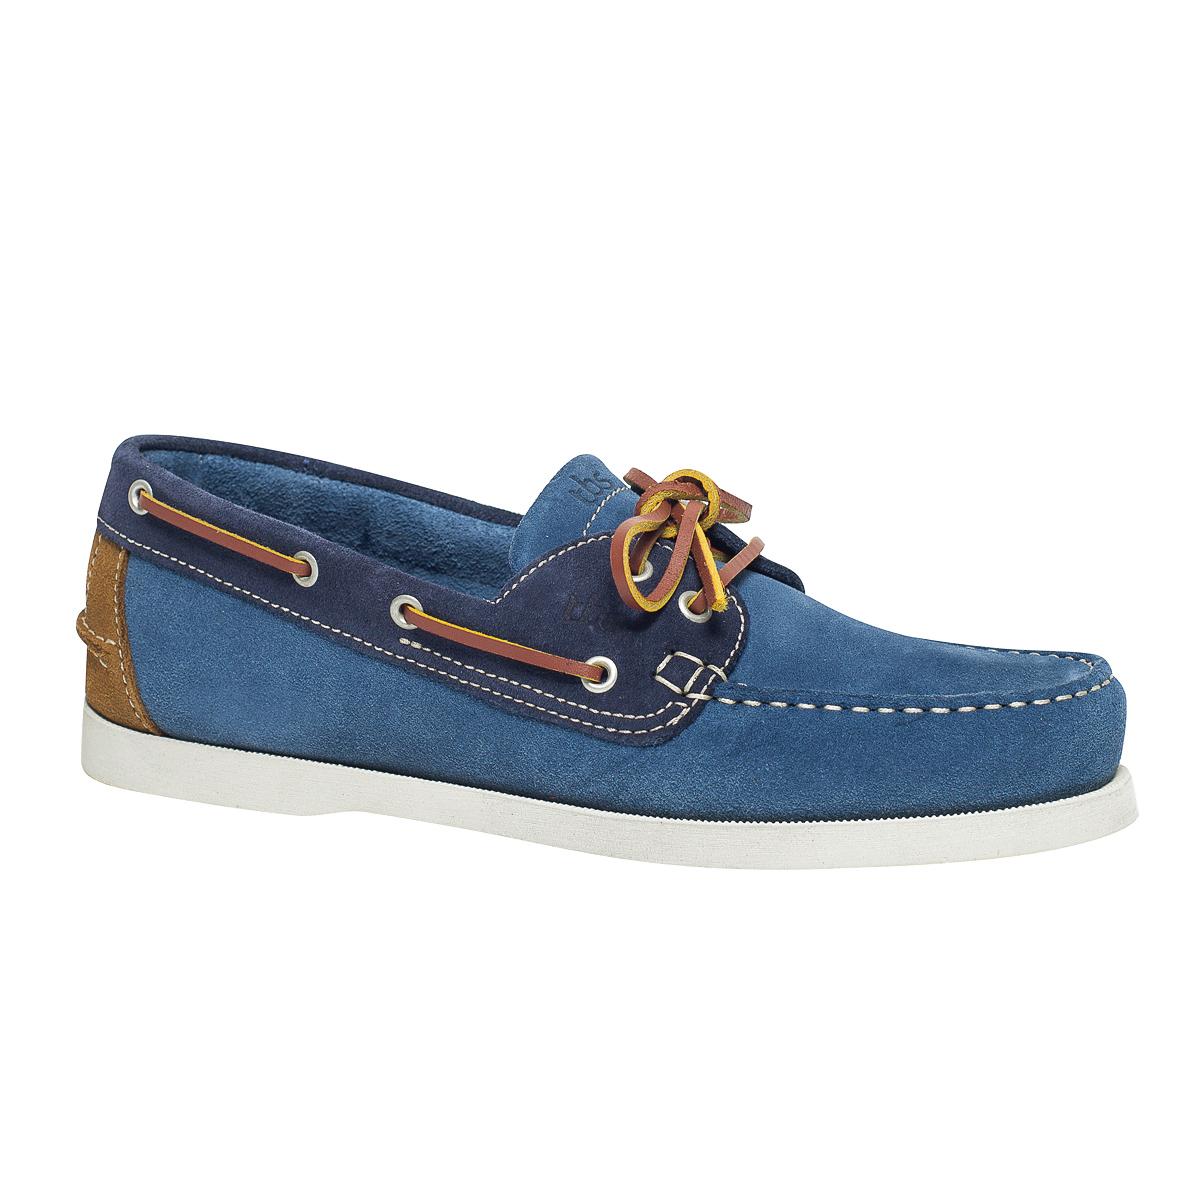 Топсайдеры мужские. PHENIS-9857PHENIS-9857Стильные мужские ботинки, комфортно и уверенно сидят на ноге, мысок прострочен, по бокам модель украшена декоративным шнурком. Верх модели регулируется шнуровкой.